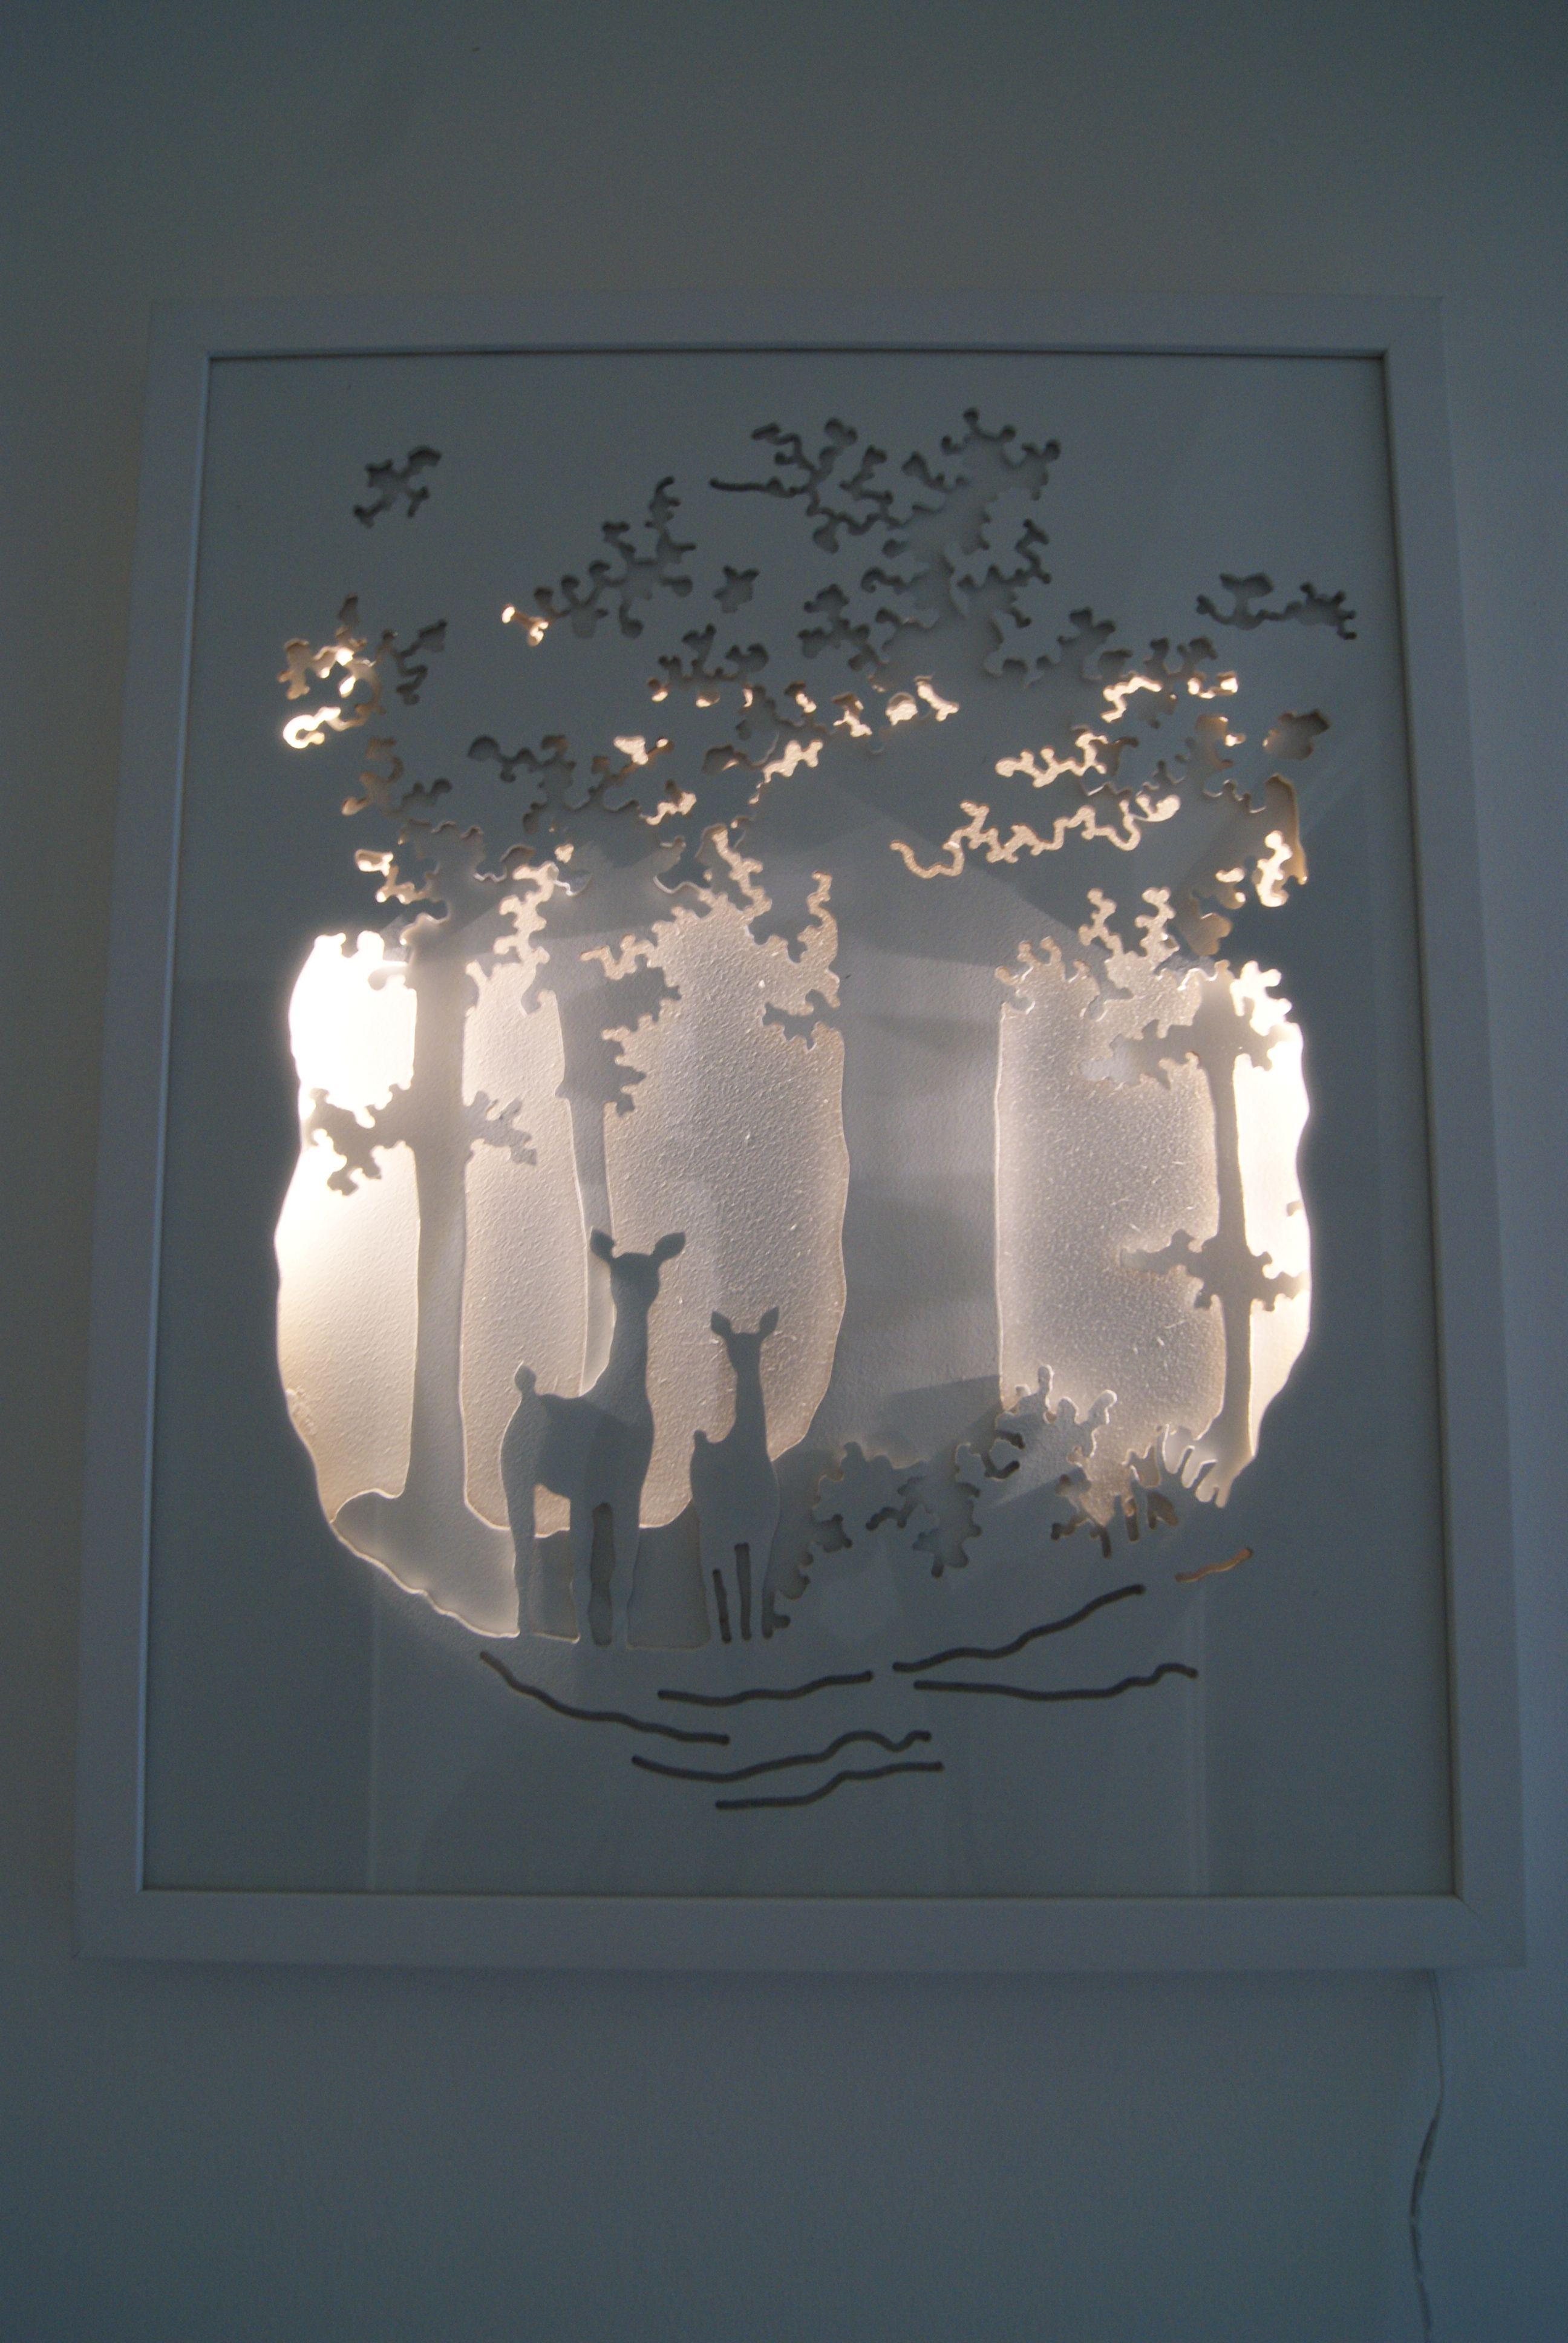 Le Sous Bois Est Un Tableau Lumineux En Trois Dimensions Ou Ombres Et Lumieres Nous Font Penetrer Dans Un Mond Shadow Box Kunst Shadow Box Kunst Auf Papier